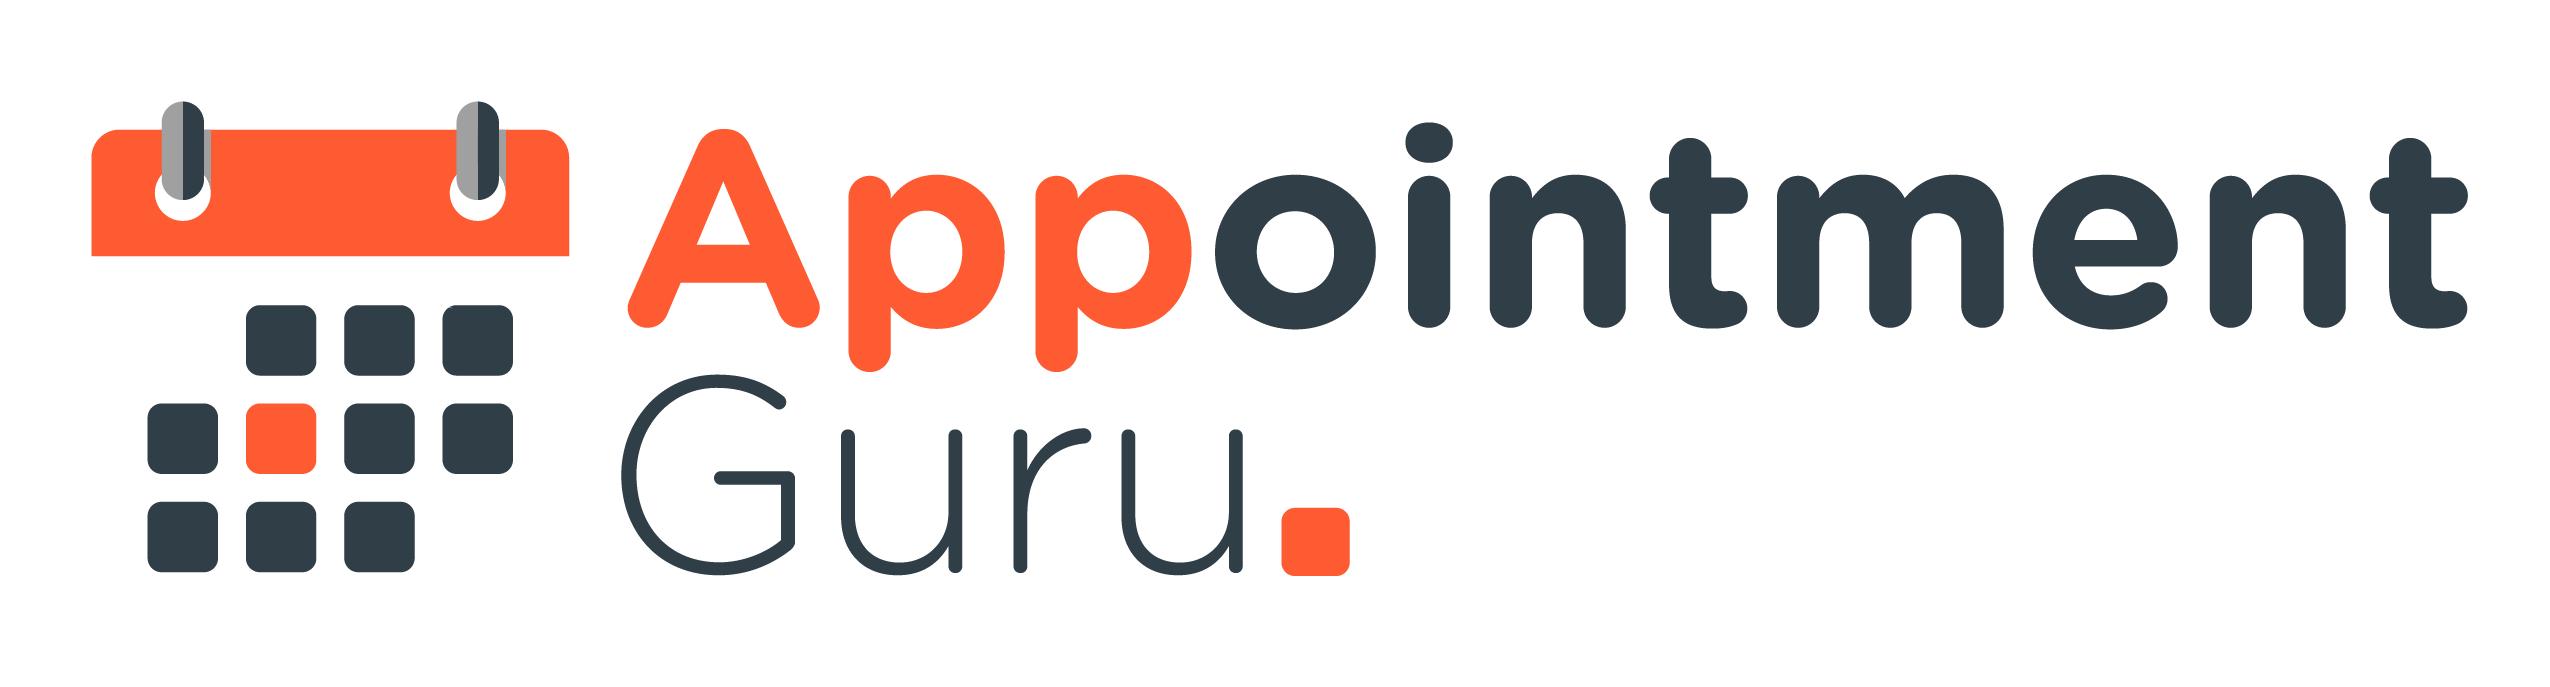 AppointmentGuru logo